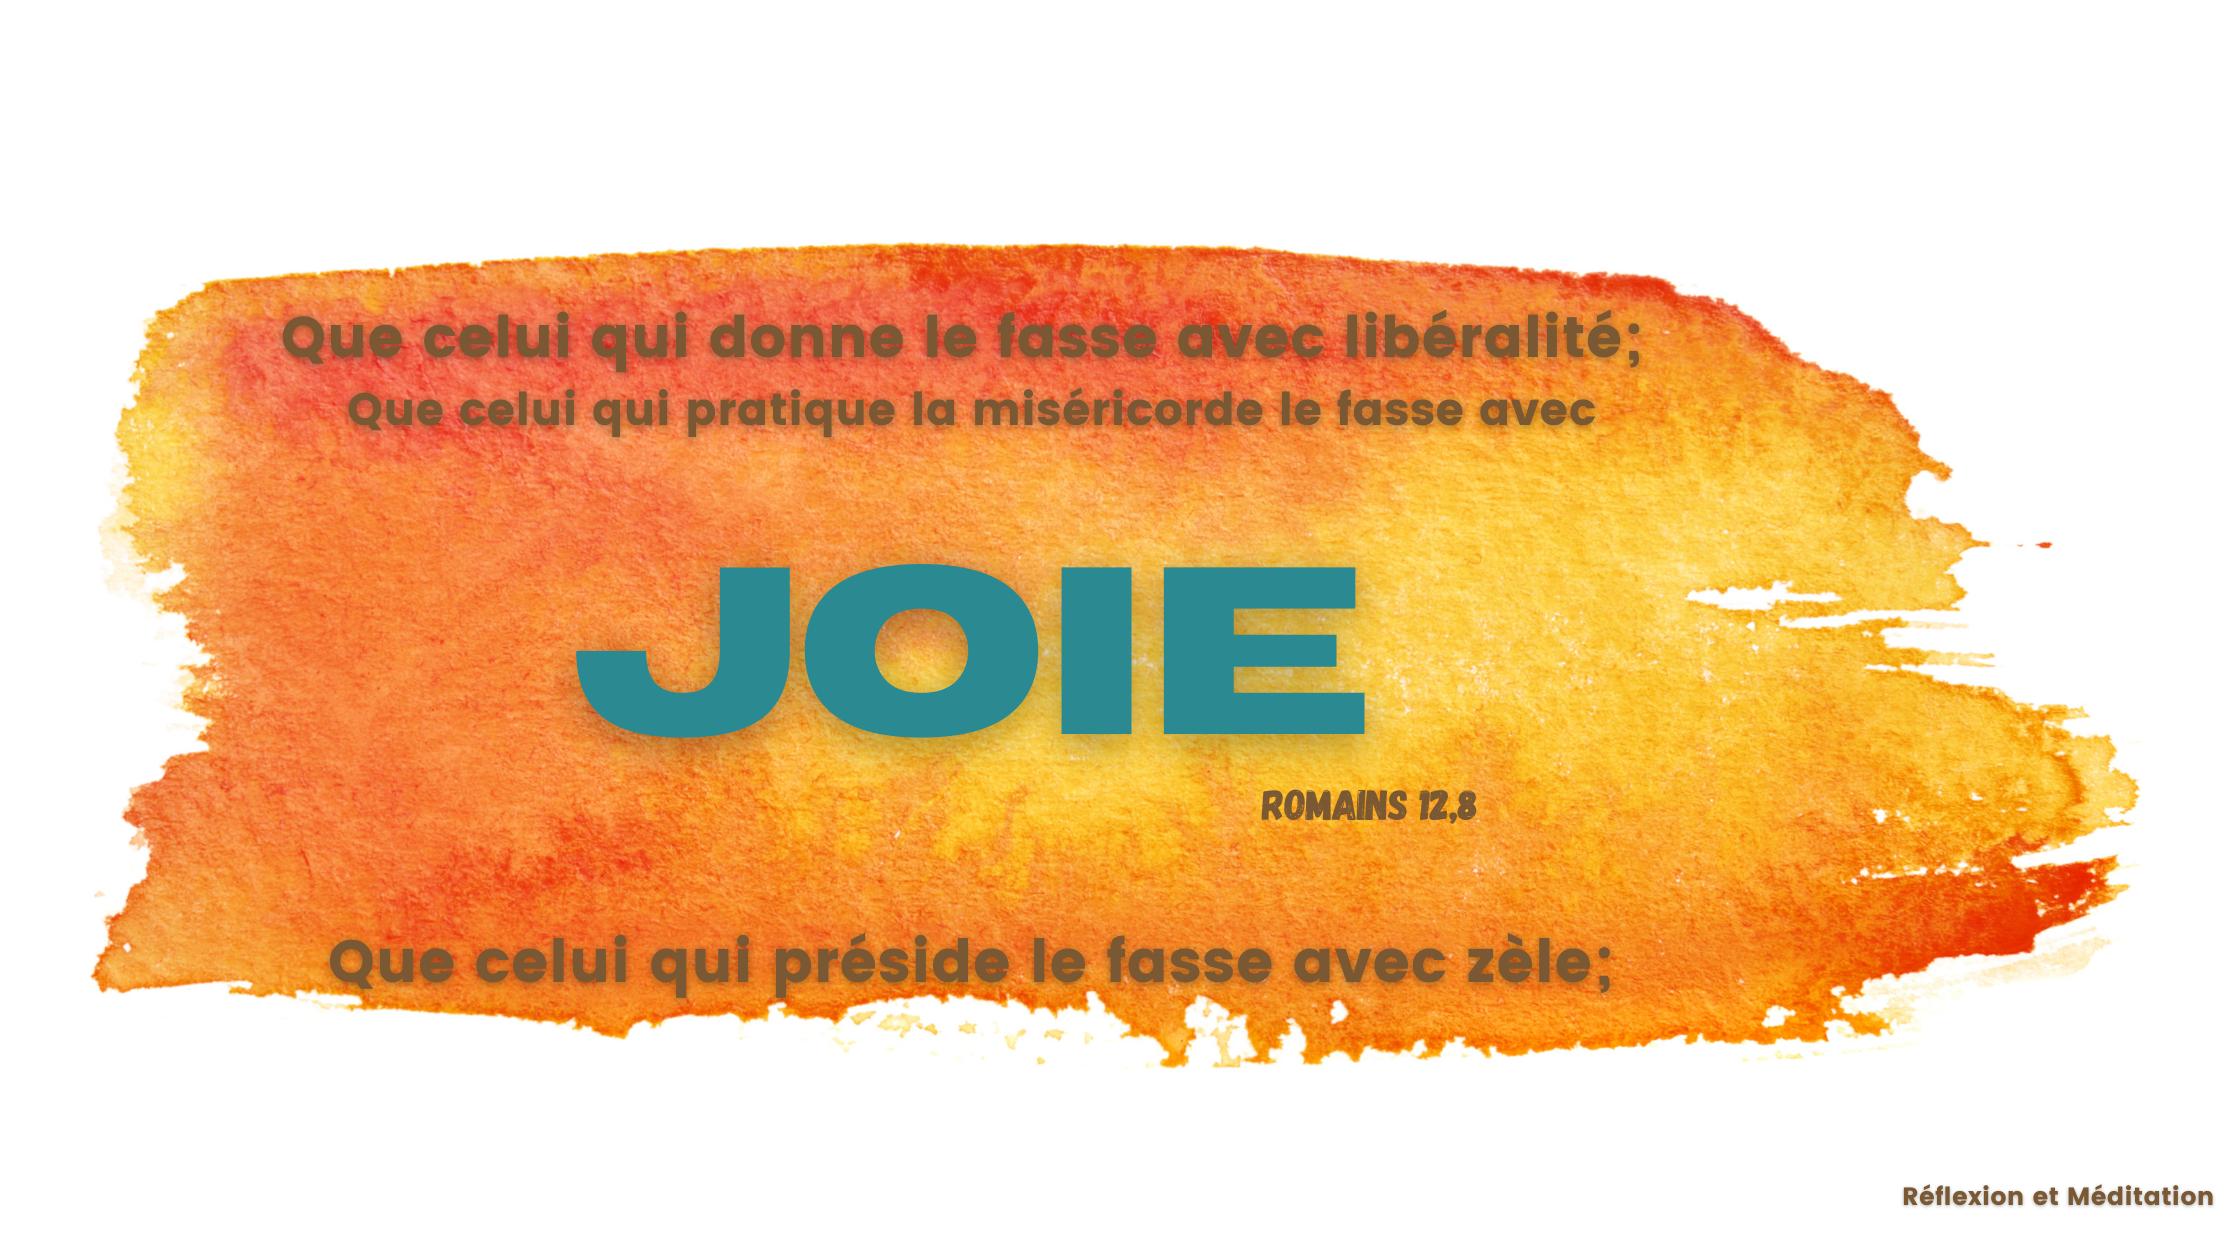 Que celui qui donne le fasse avec libéralité; que celui qui préside le fasse avec zèle; que celui qui pratique la miséricorde le fasse avec joie Romains 12,8 Commentaires de la Bible Annotée interlinéaire